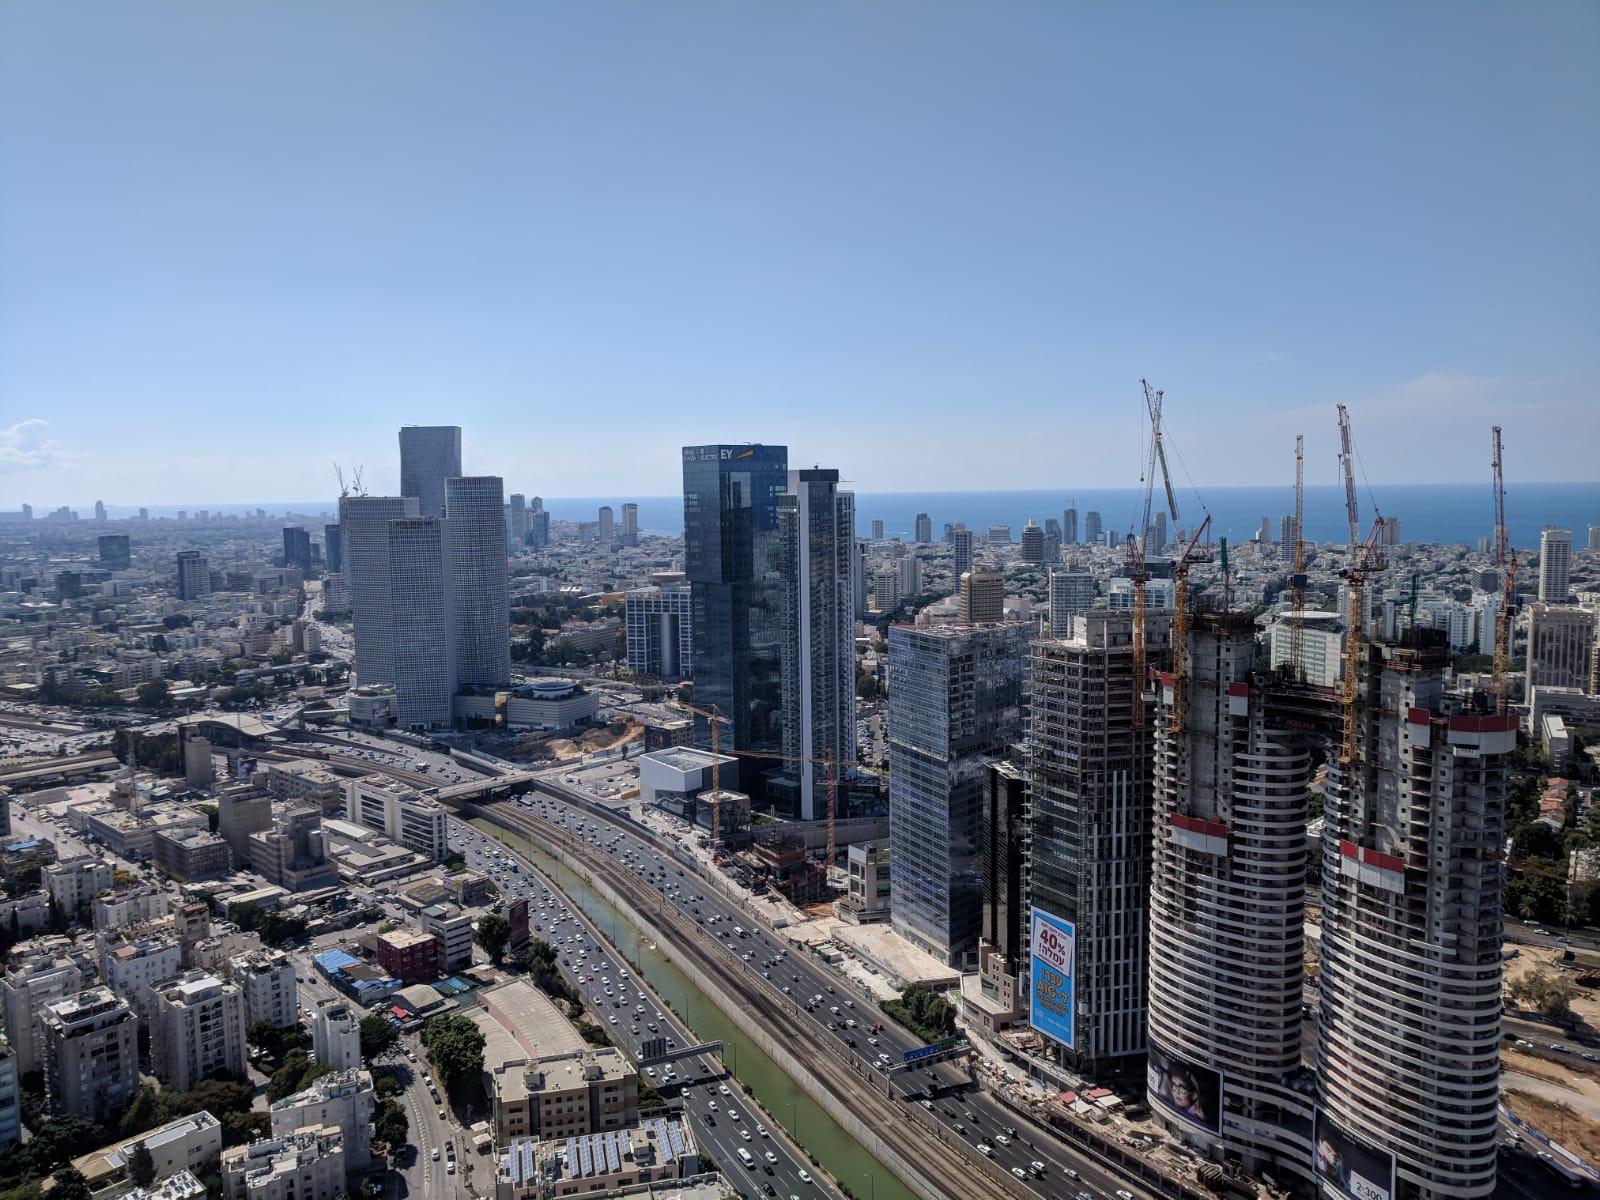 """איך מתחילים פרויקט תמ""""א 38? ועדי בניינים – כך תקדמו את הפרויקט"""